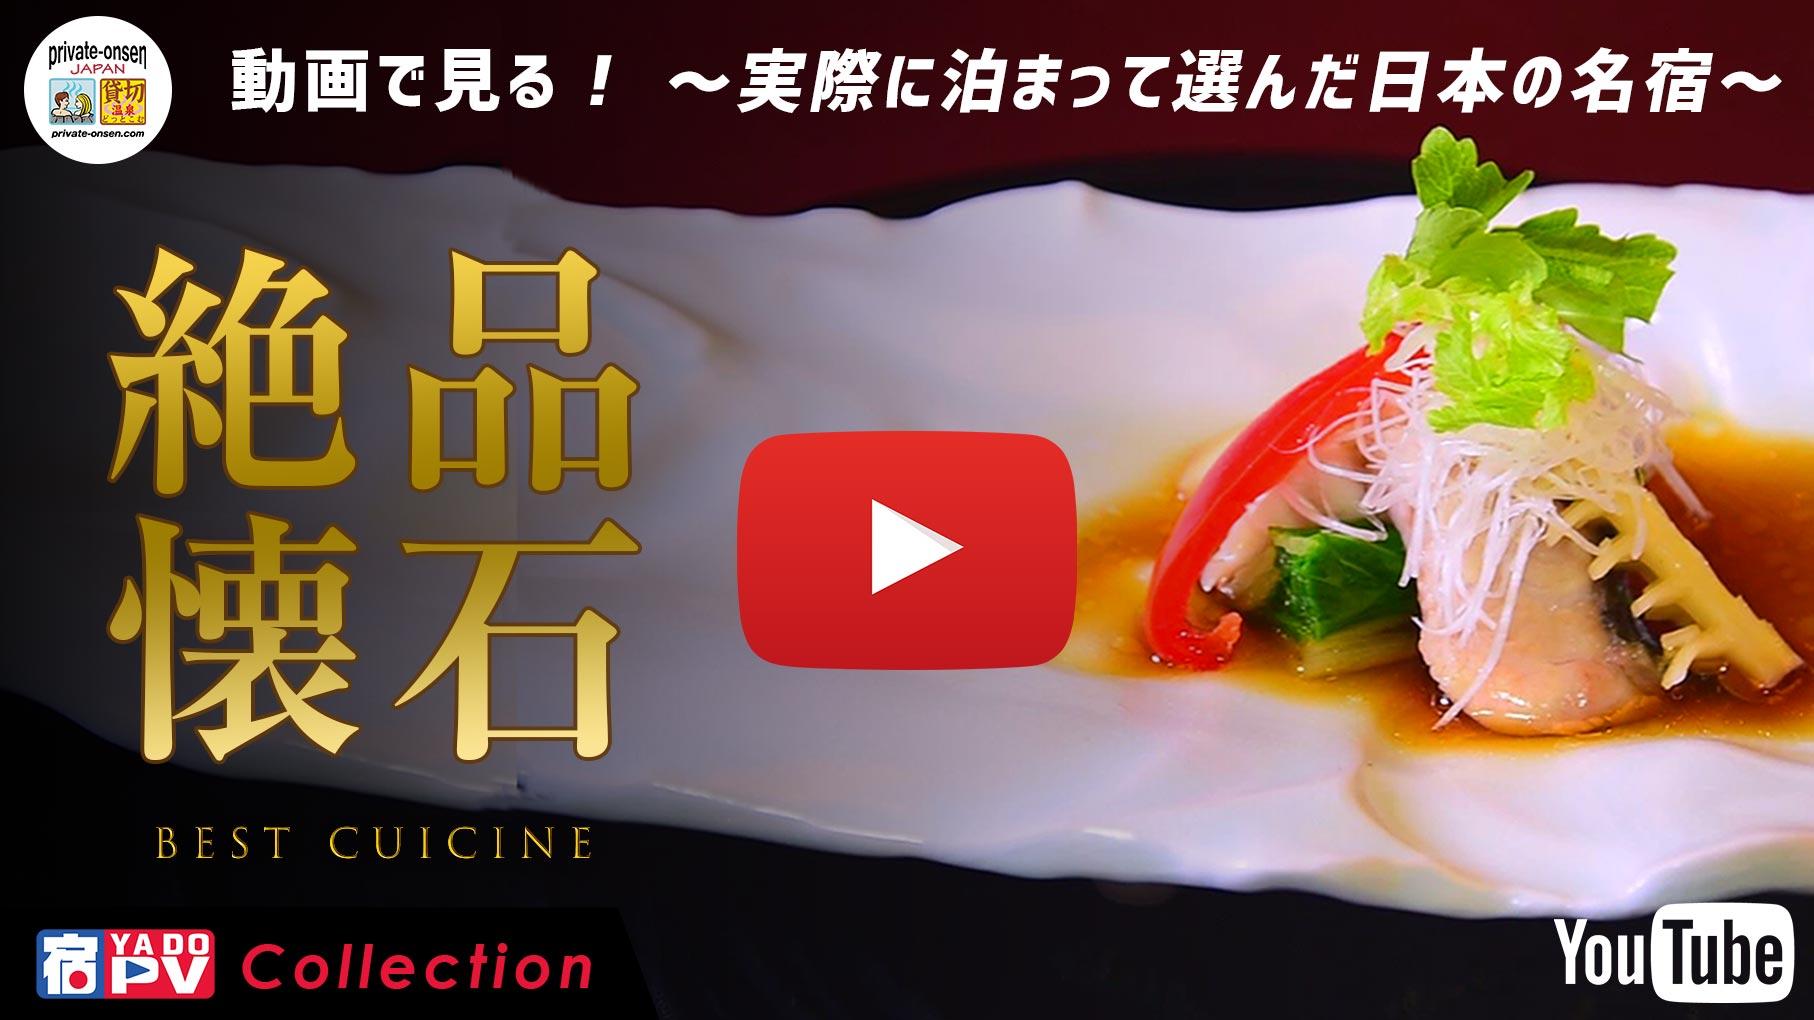 宿PV 絶品懐石料理コレクション